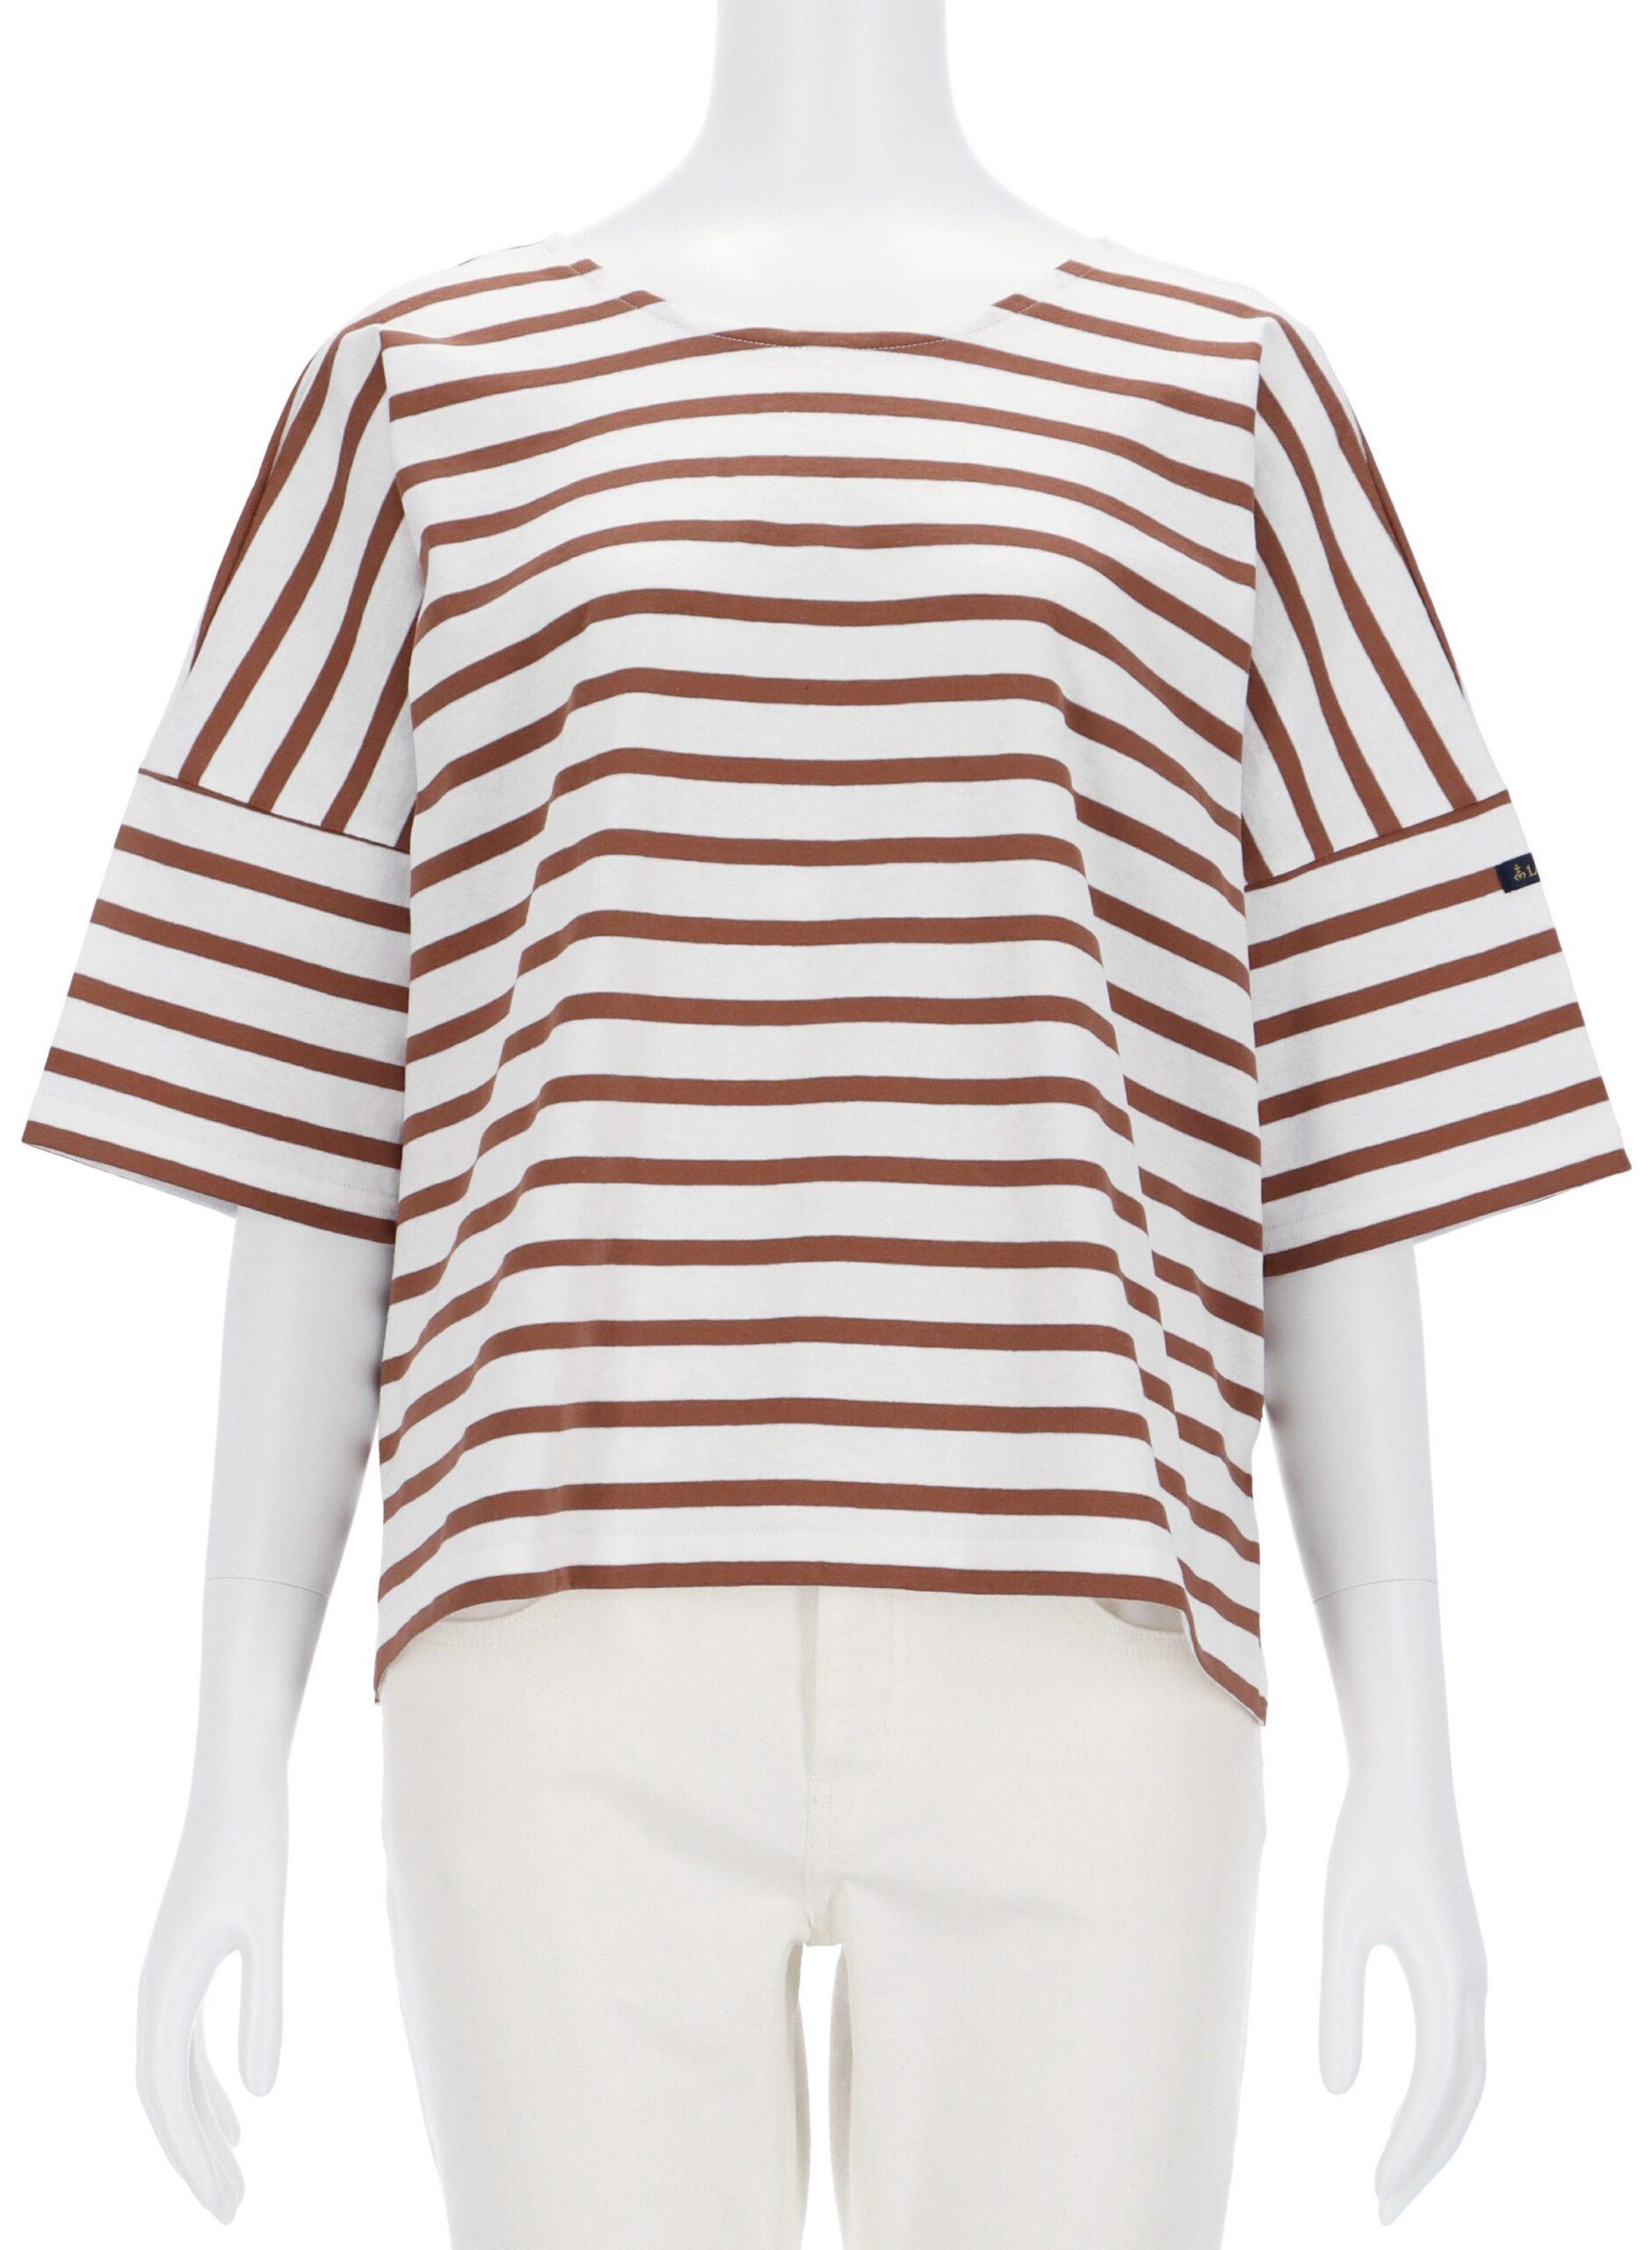 leminor ルミノア ボーダー 定番ボーダー ボーダーシャツ stripeshirt